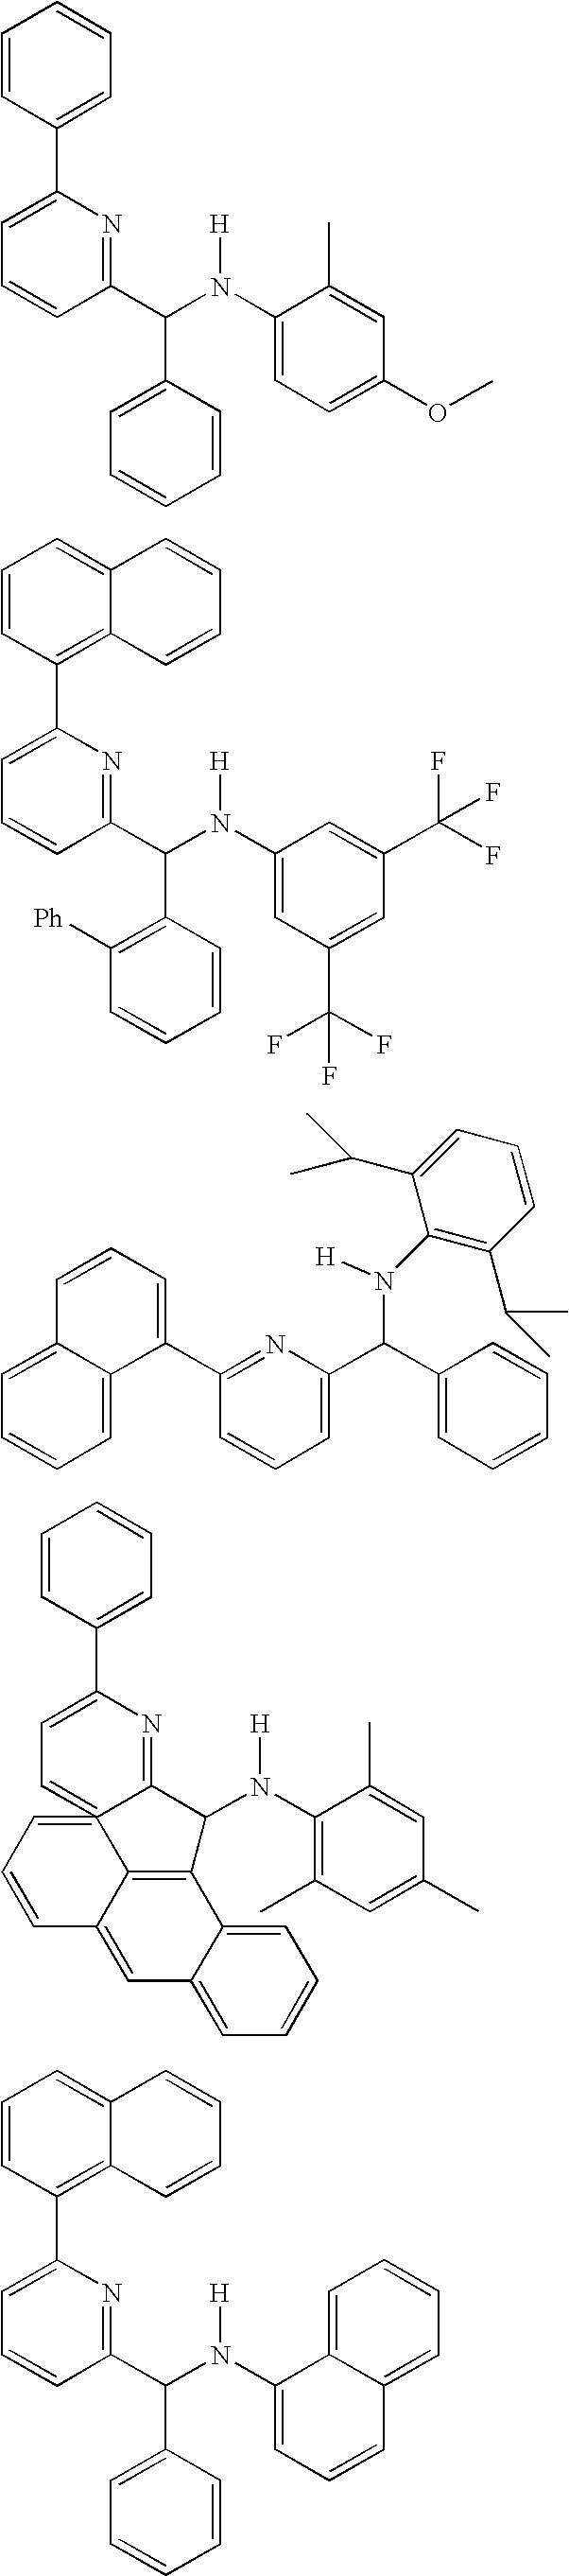 Figure US06900321-20050531-C00038